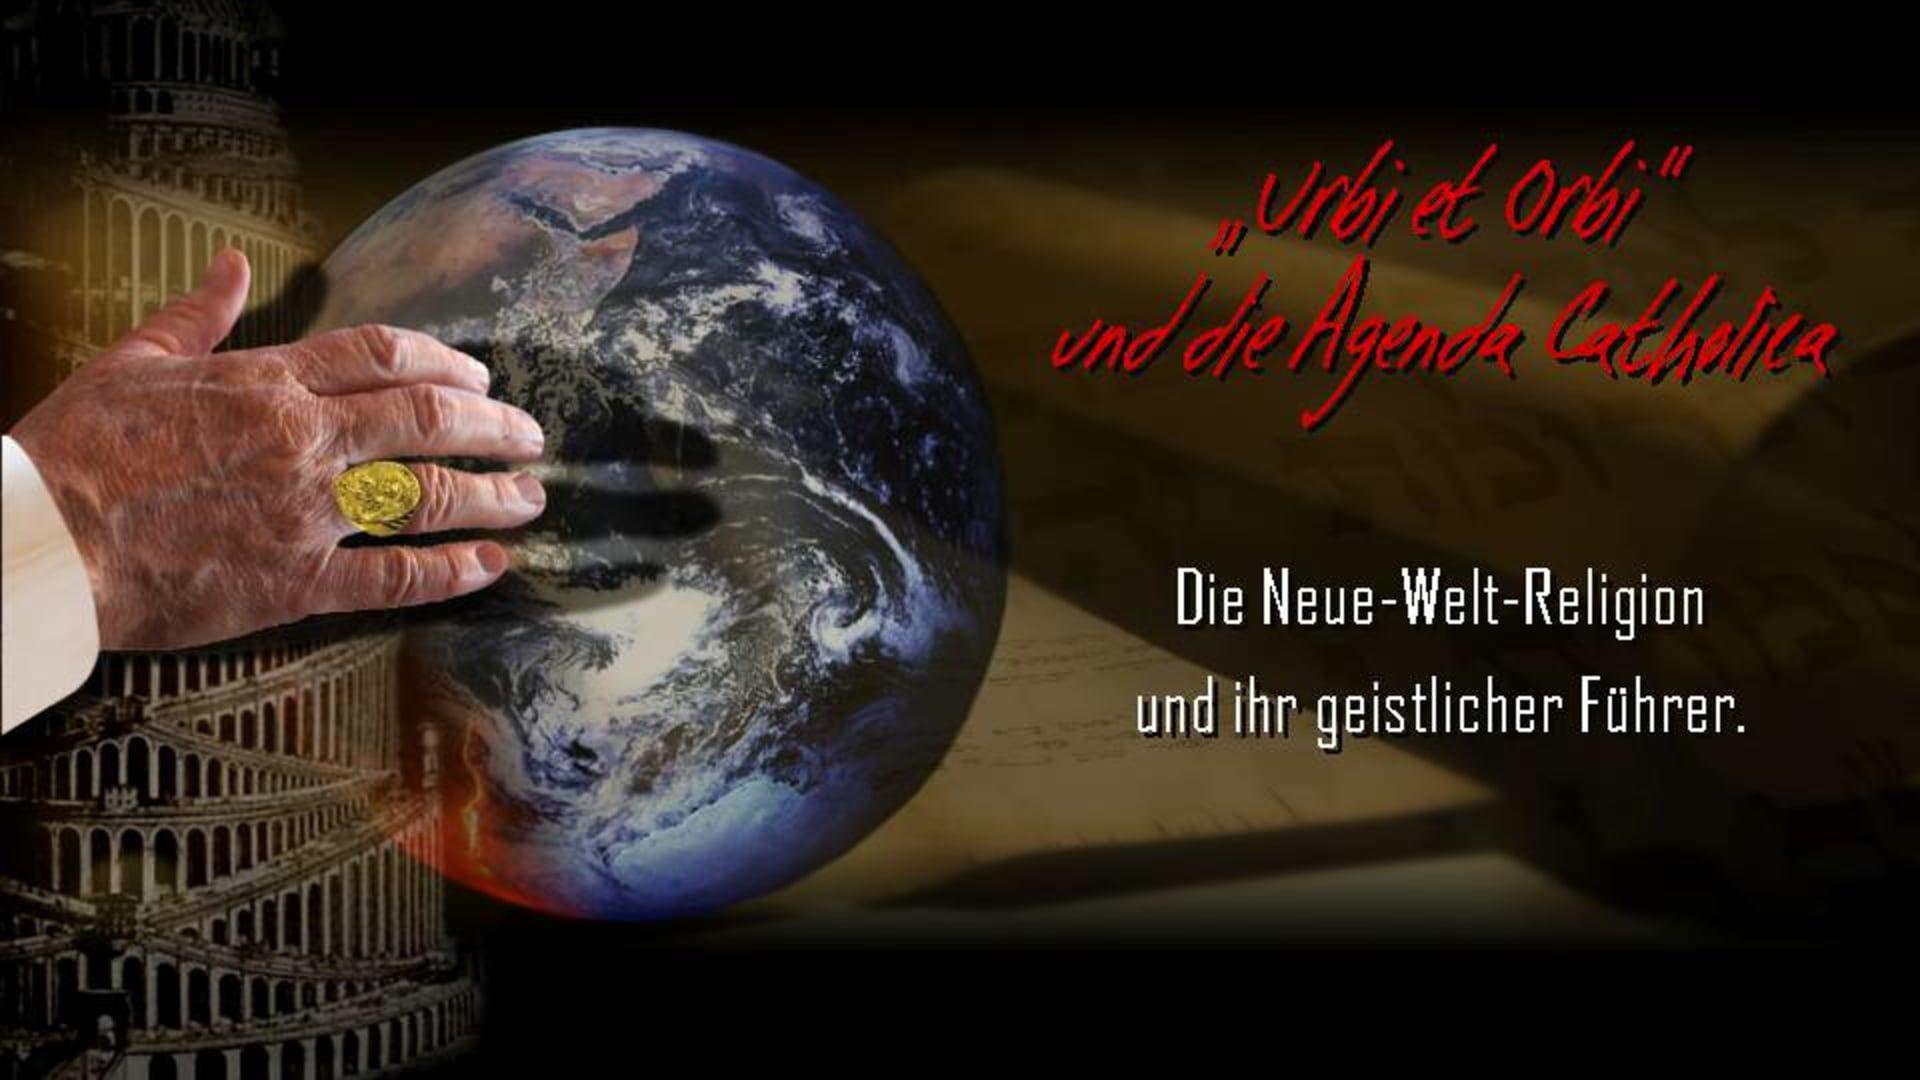 Urbi et Orbi und die Agenda Catholica. Die Neue-Welt-Religion und ihr geistlicher Führer. (WESOG 2)